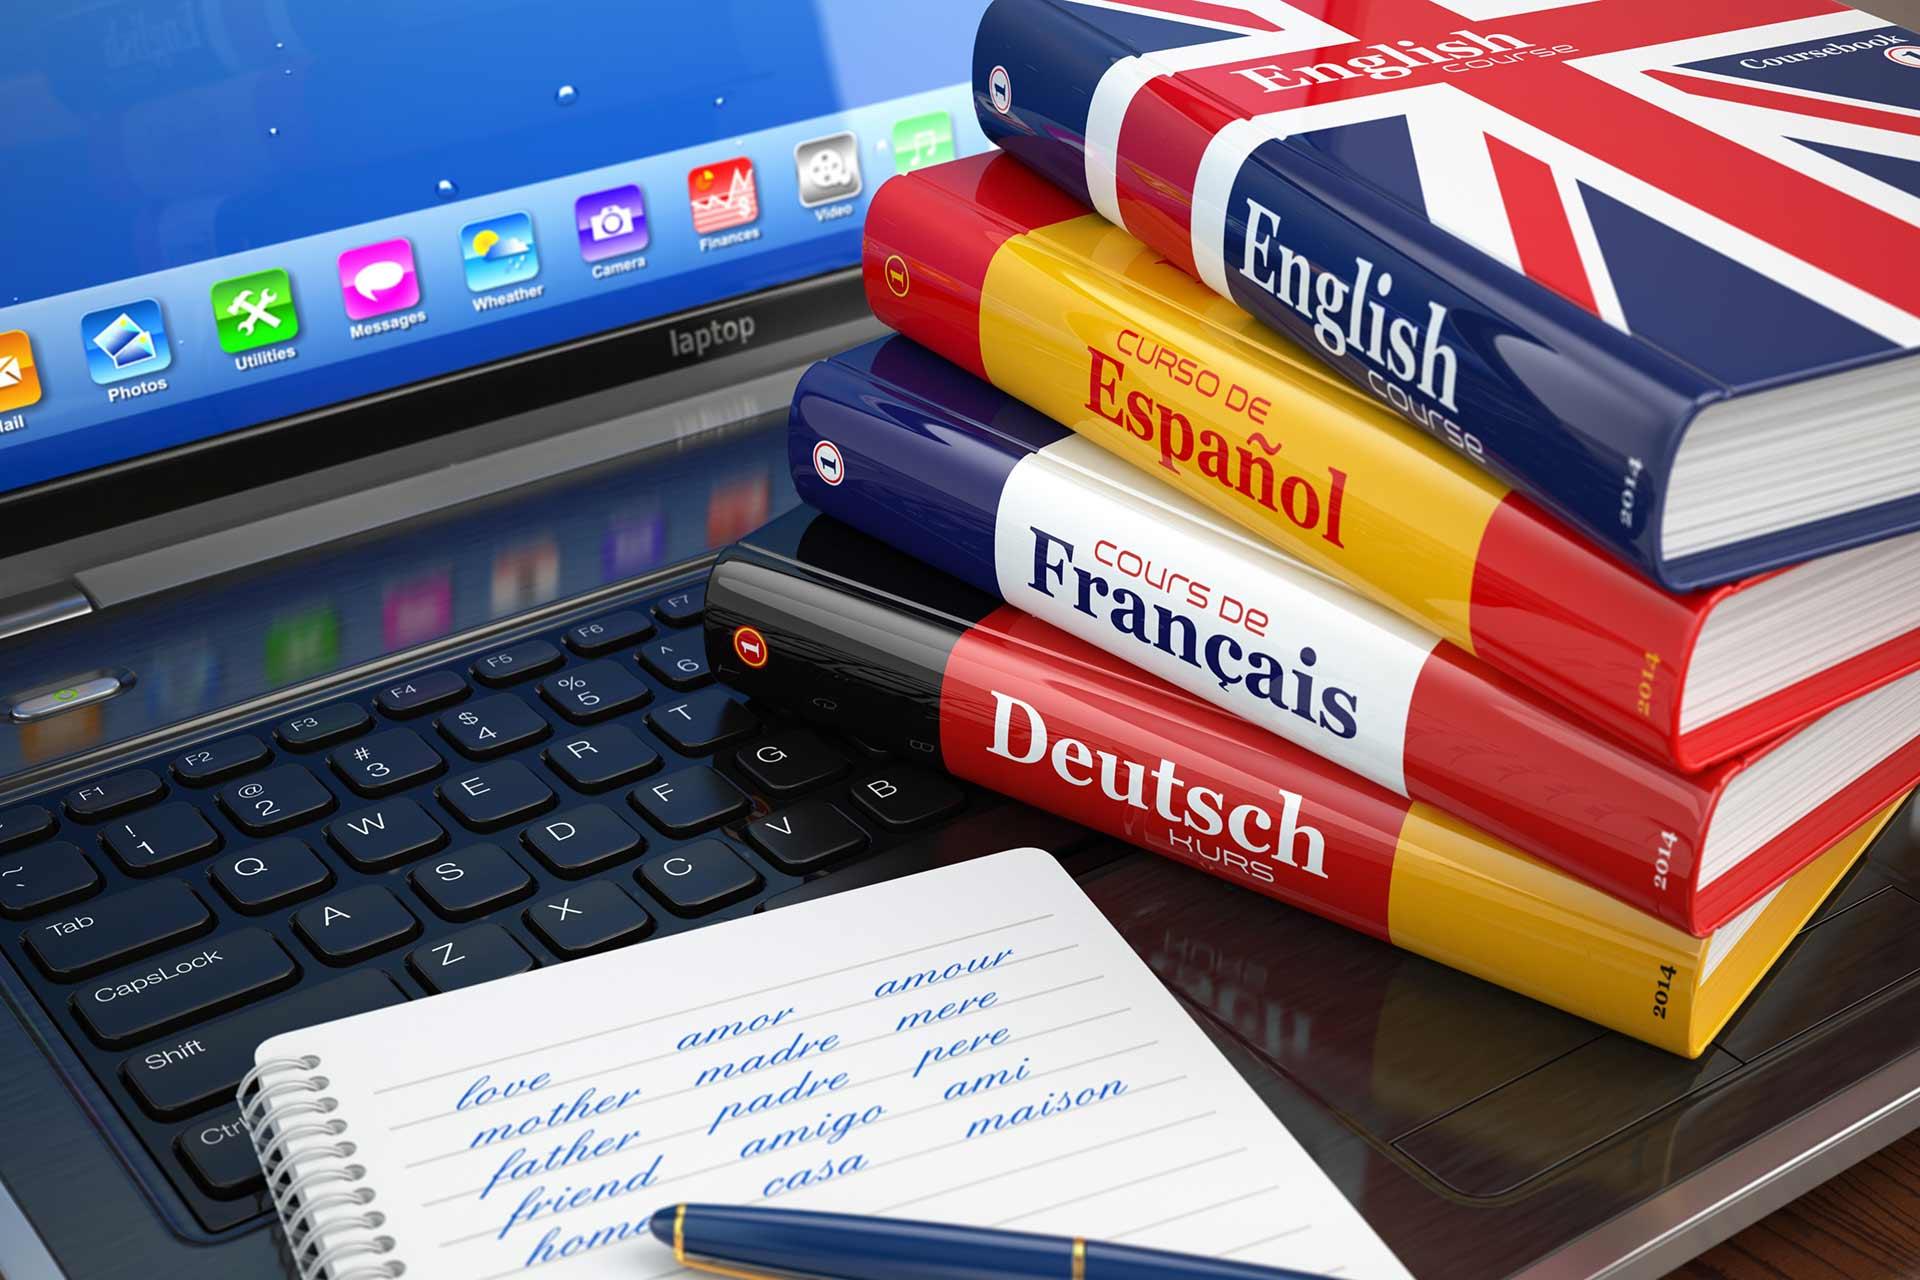 Бесплатный вебинар: Организация международных онлайн конференций с переводчиками «под ключ»